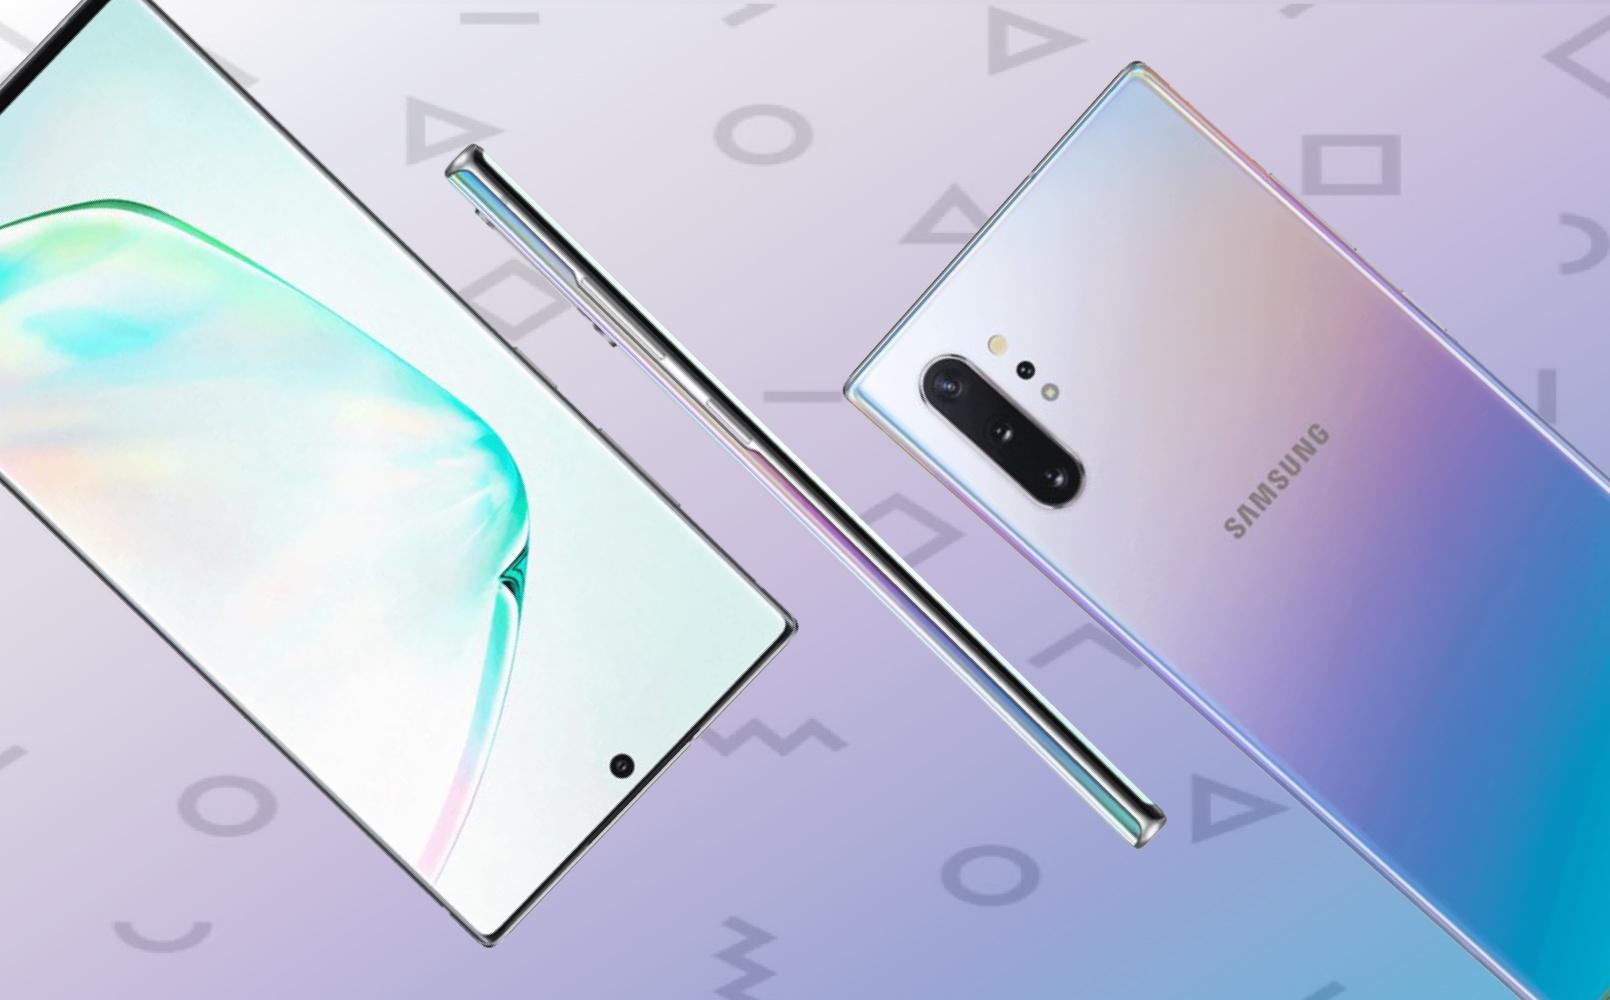 Chưa ra mắt, bộ đôi Galaxy Note10 đã lộ diện rõ nét qua loạt hình ảnh sau